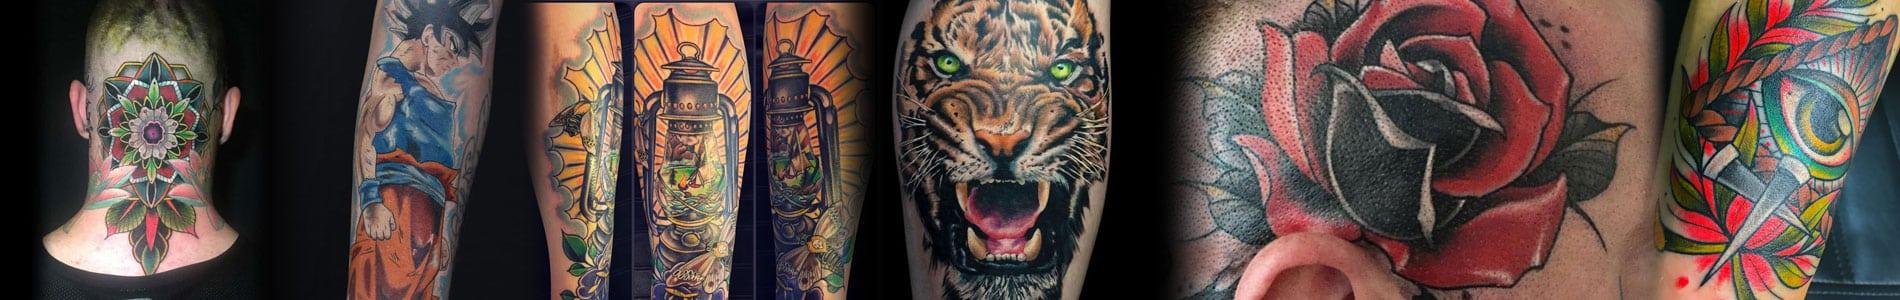 Kleuren tattoo banner